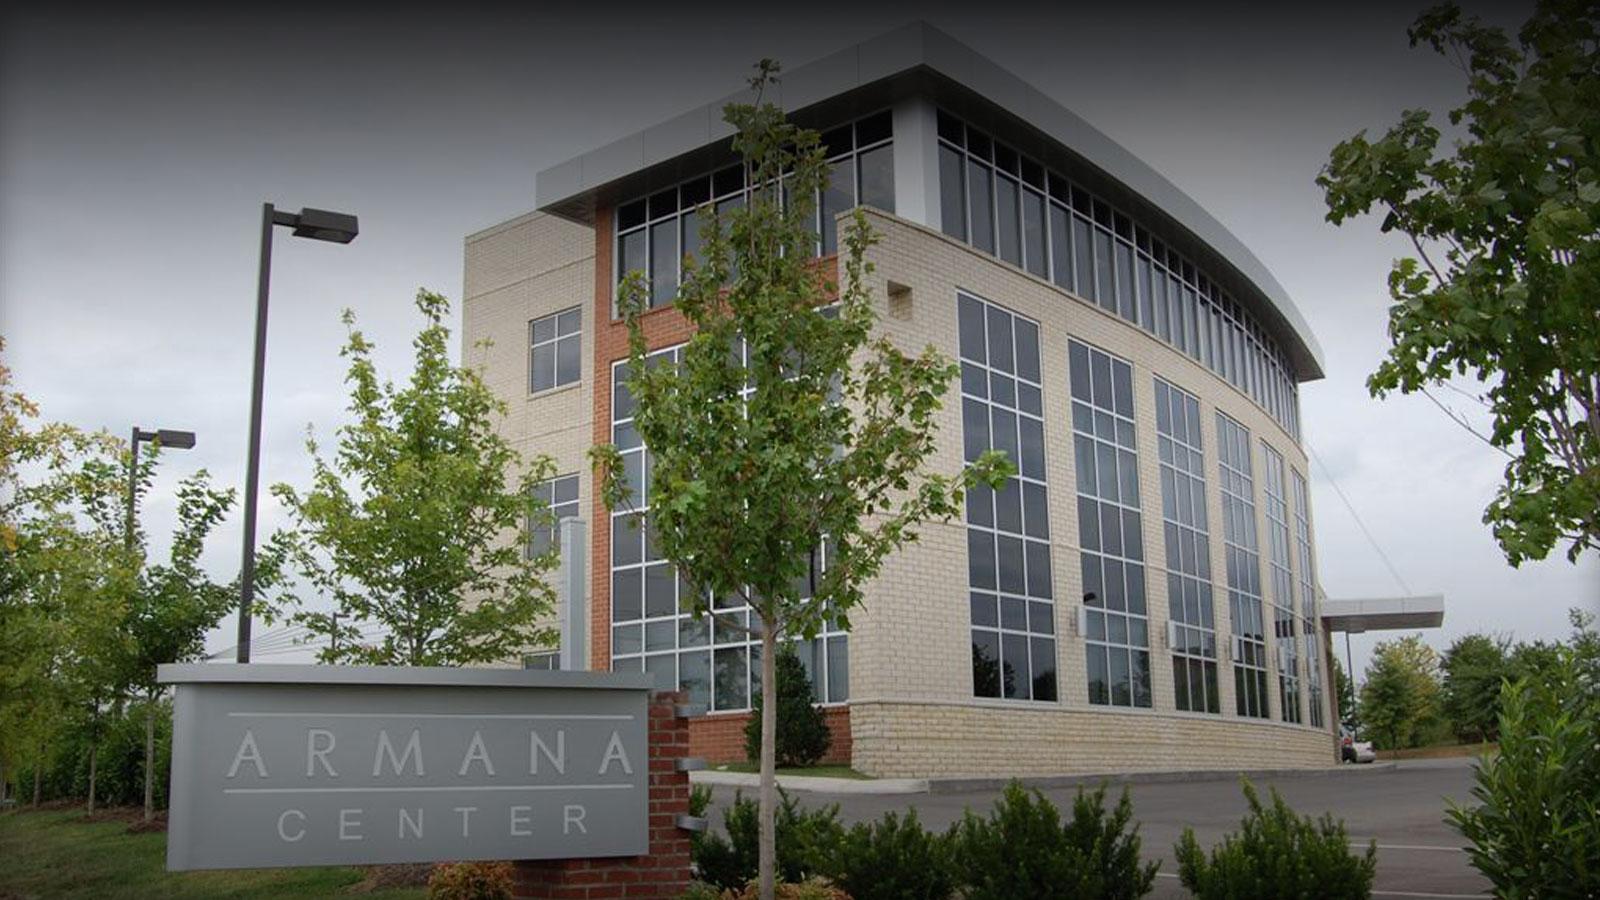 Armana Center